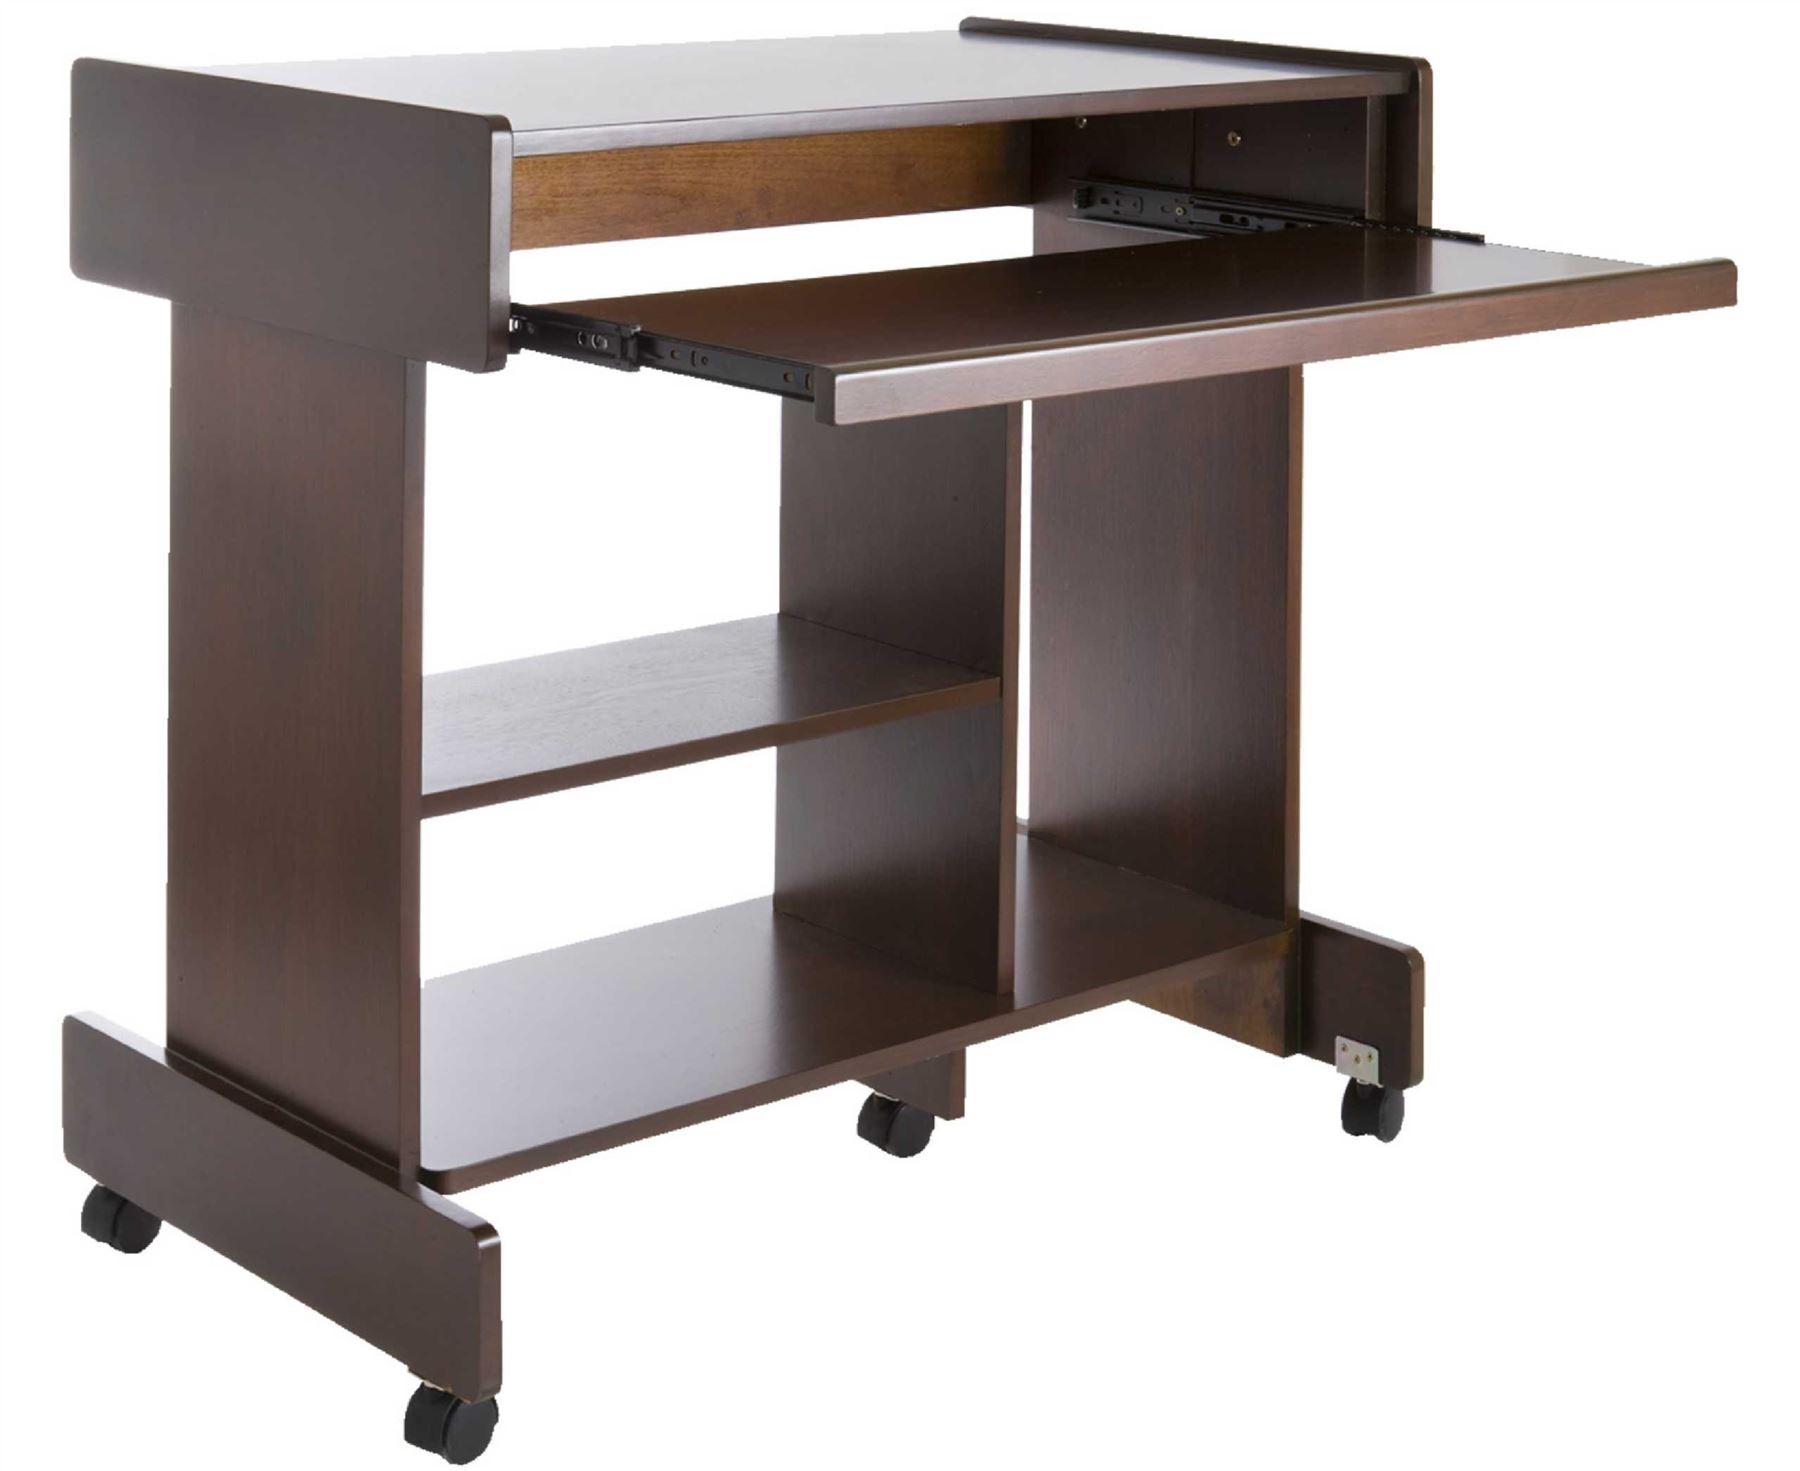 large wheeled computer wooden desk pull out keyboard shelf. Black Bedroom Furniture Sets. Home Design Ideas